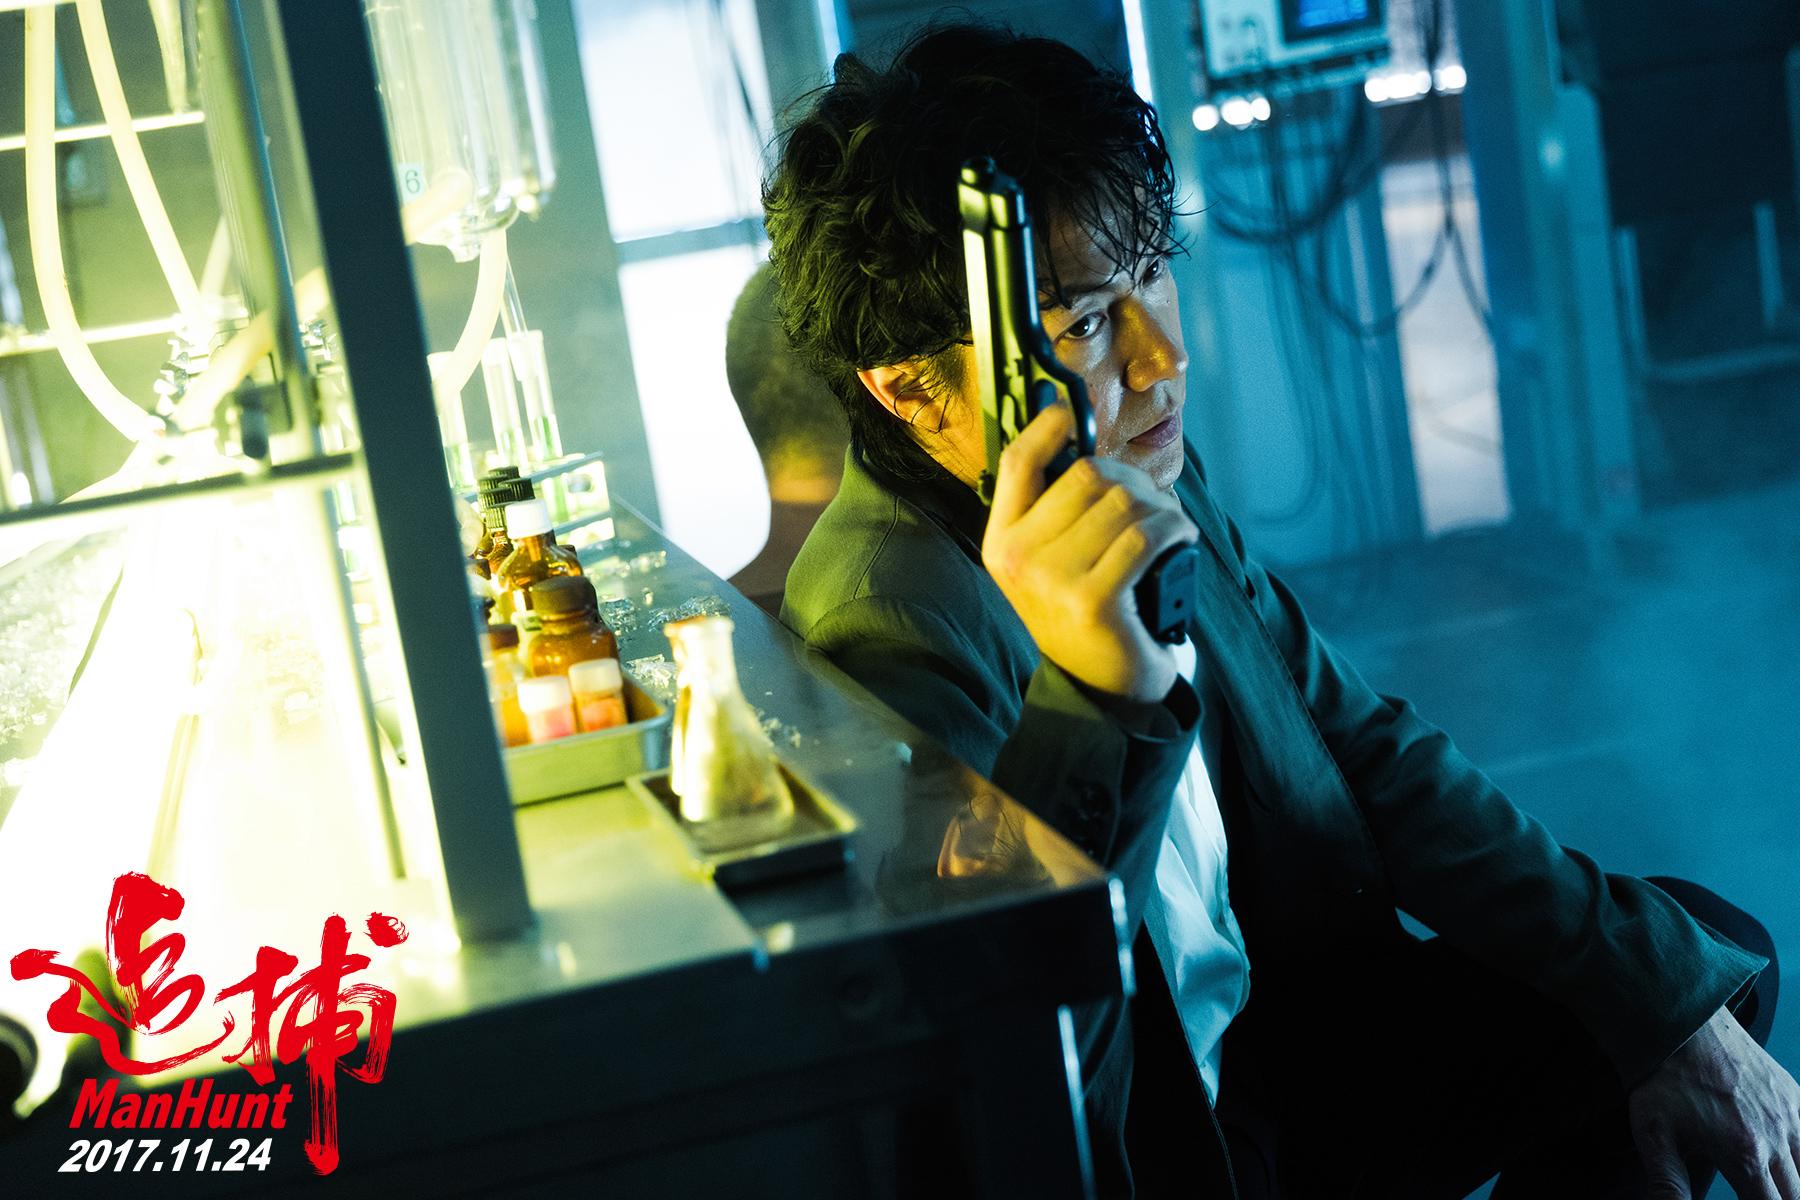 """《追捕》今日公映 五大看点解密""""最爽枪战片"""""""